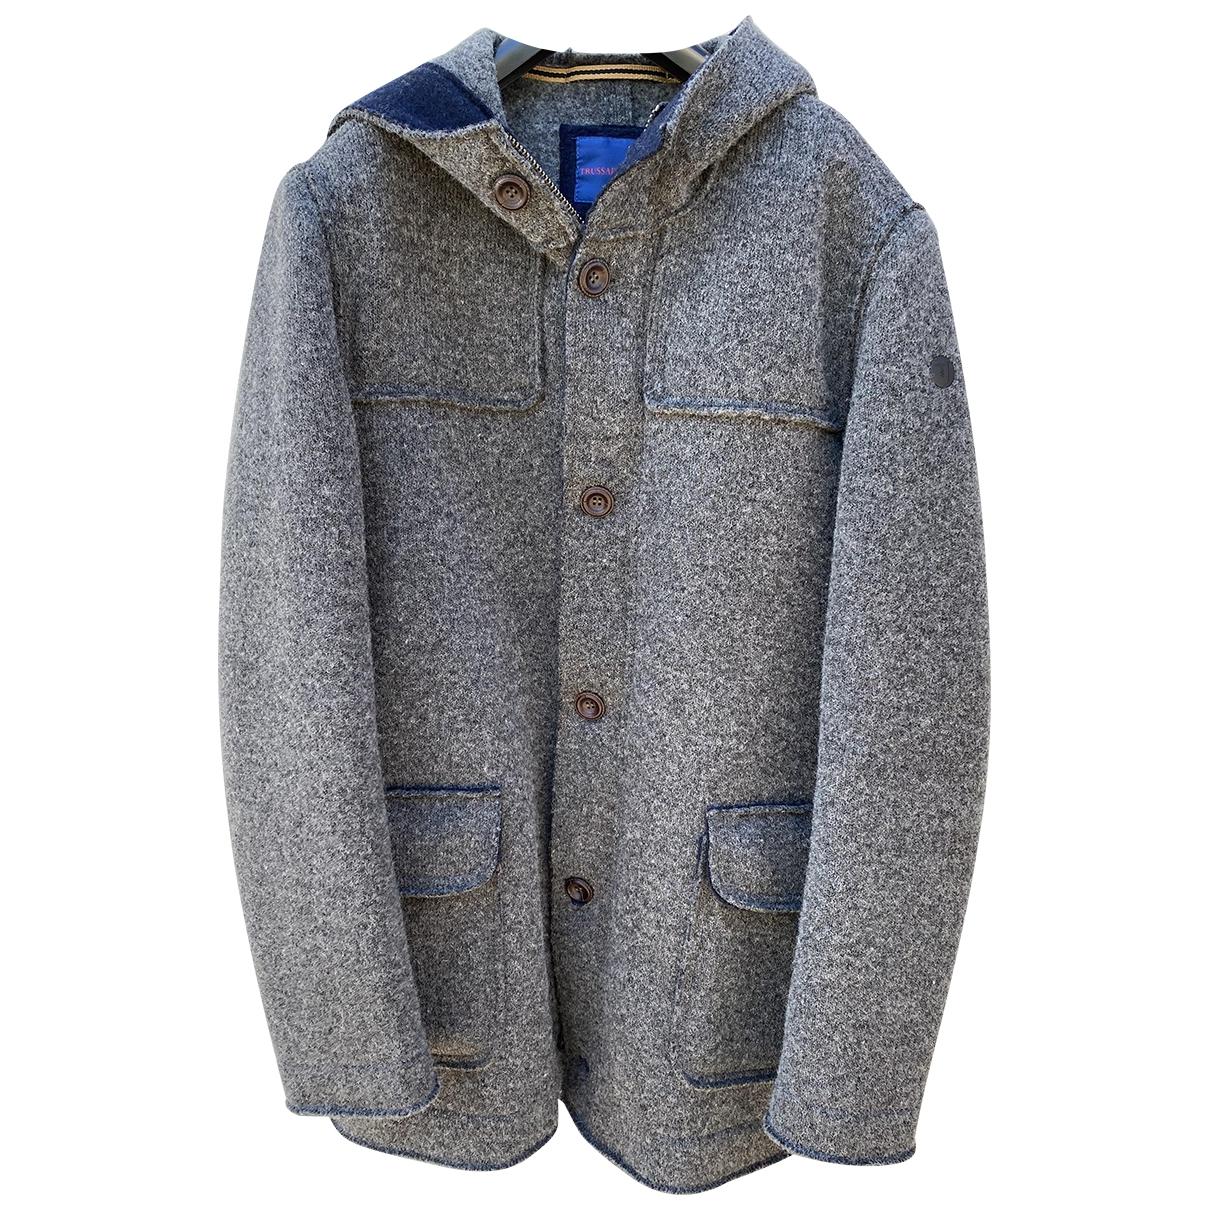 Trussardi Jean - Vestes.Blousons   pour homme en laine - gris